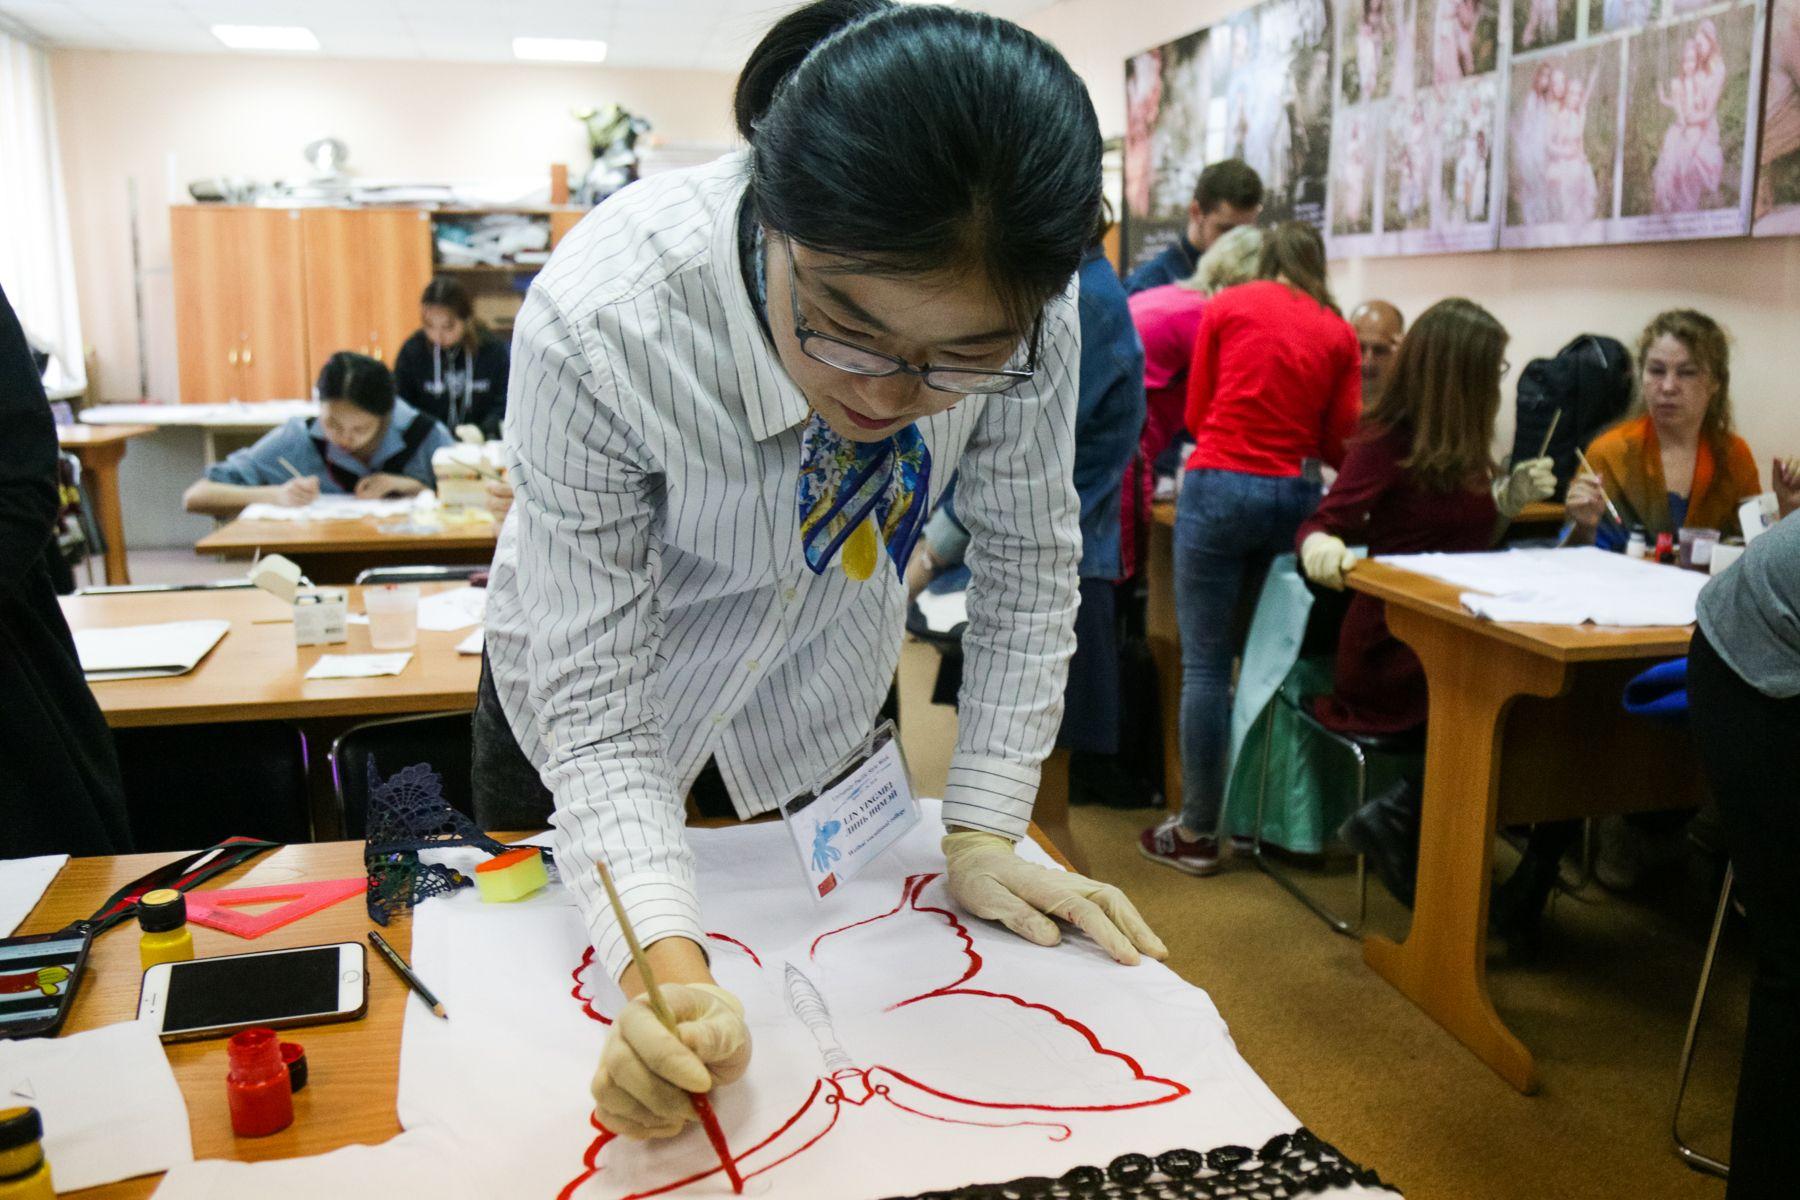 Профессоры из Китая, Японии и Греции придумали собственный принт во ВГУЭС